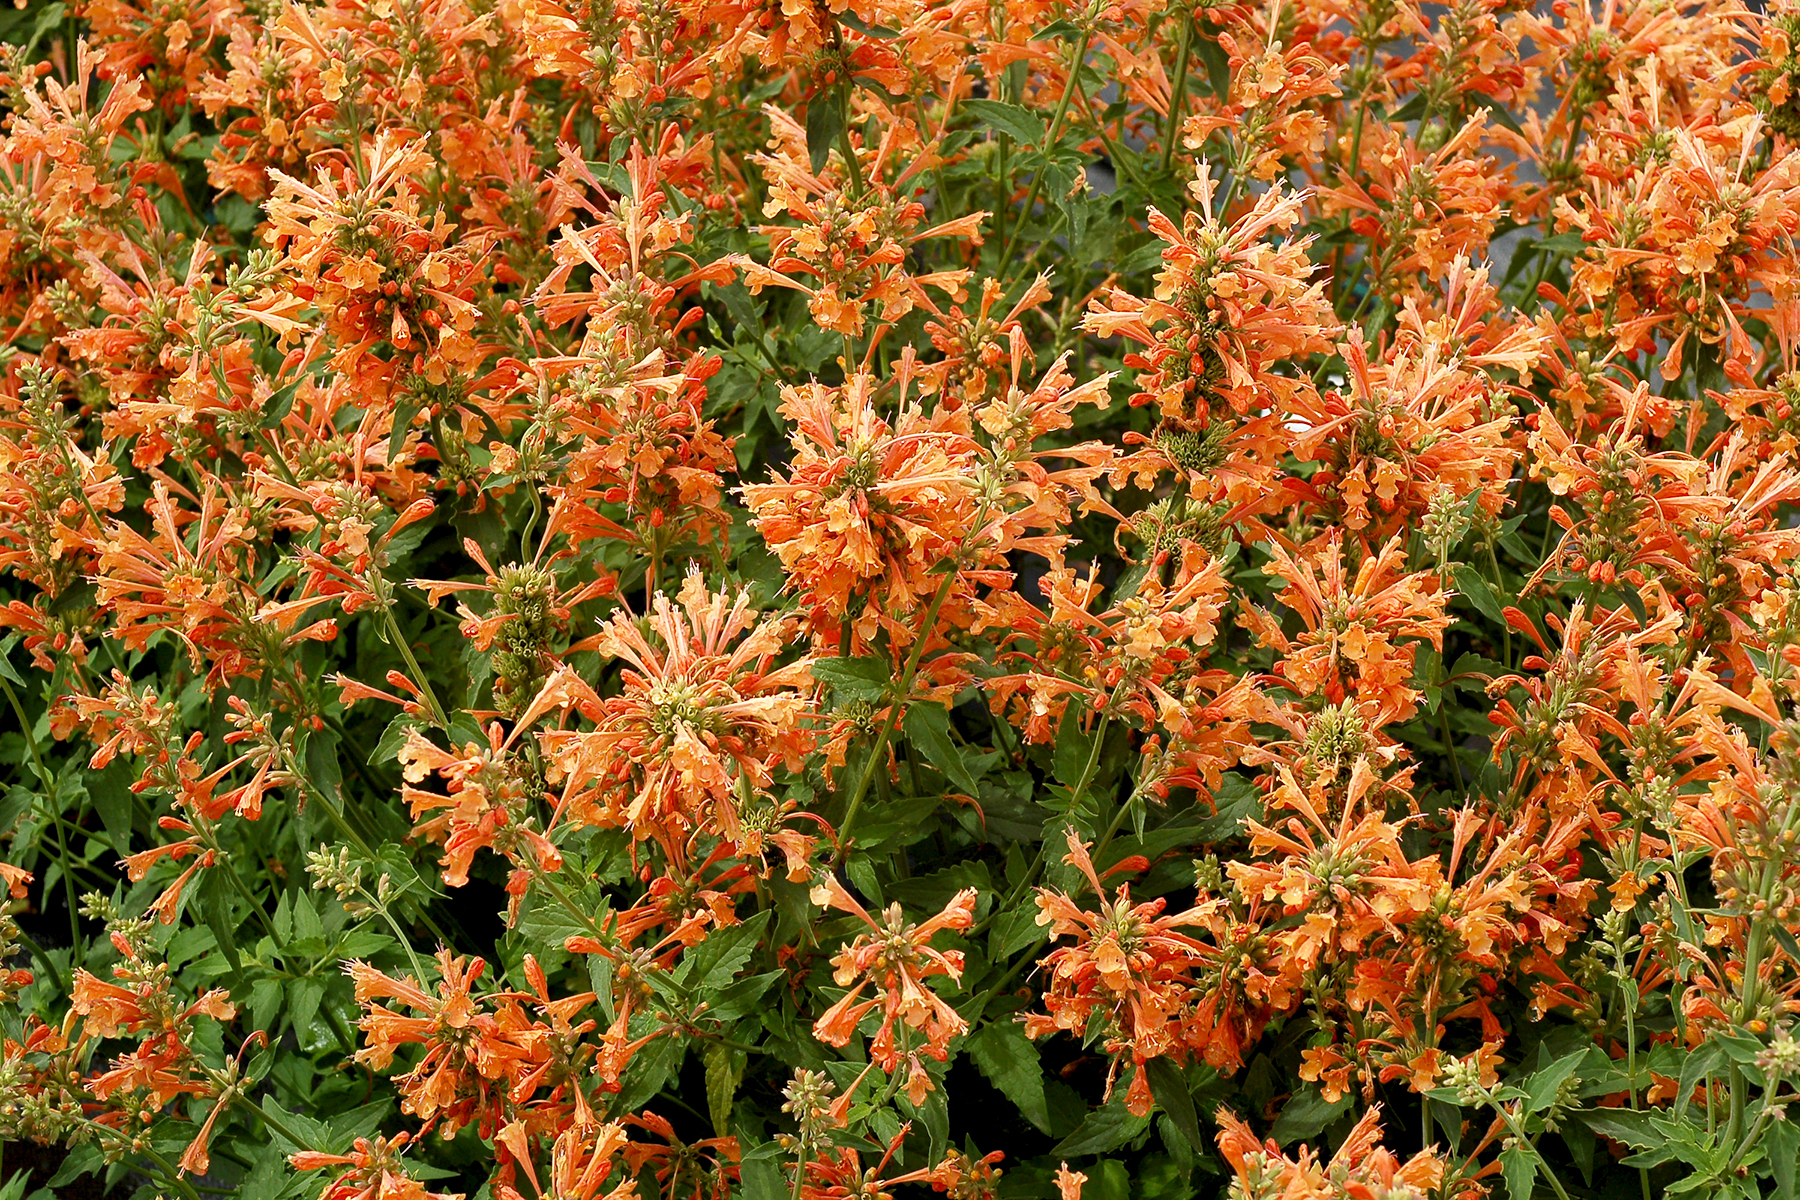 Agastache-Poquito-Orange-3.jpg